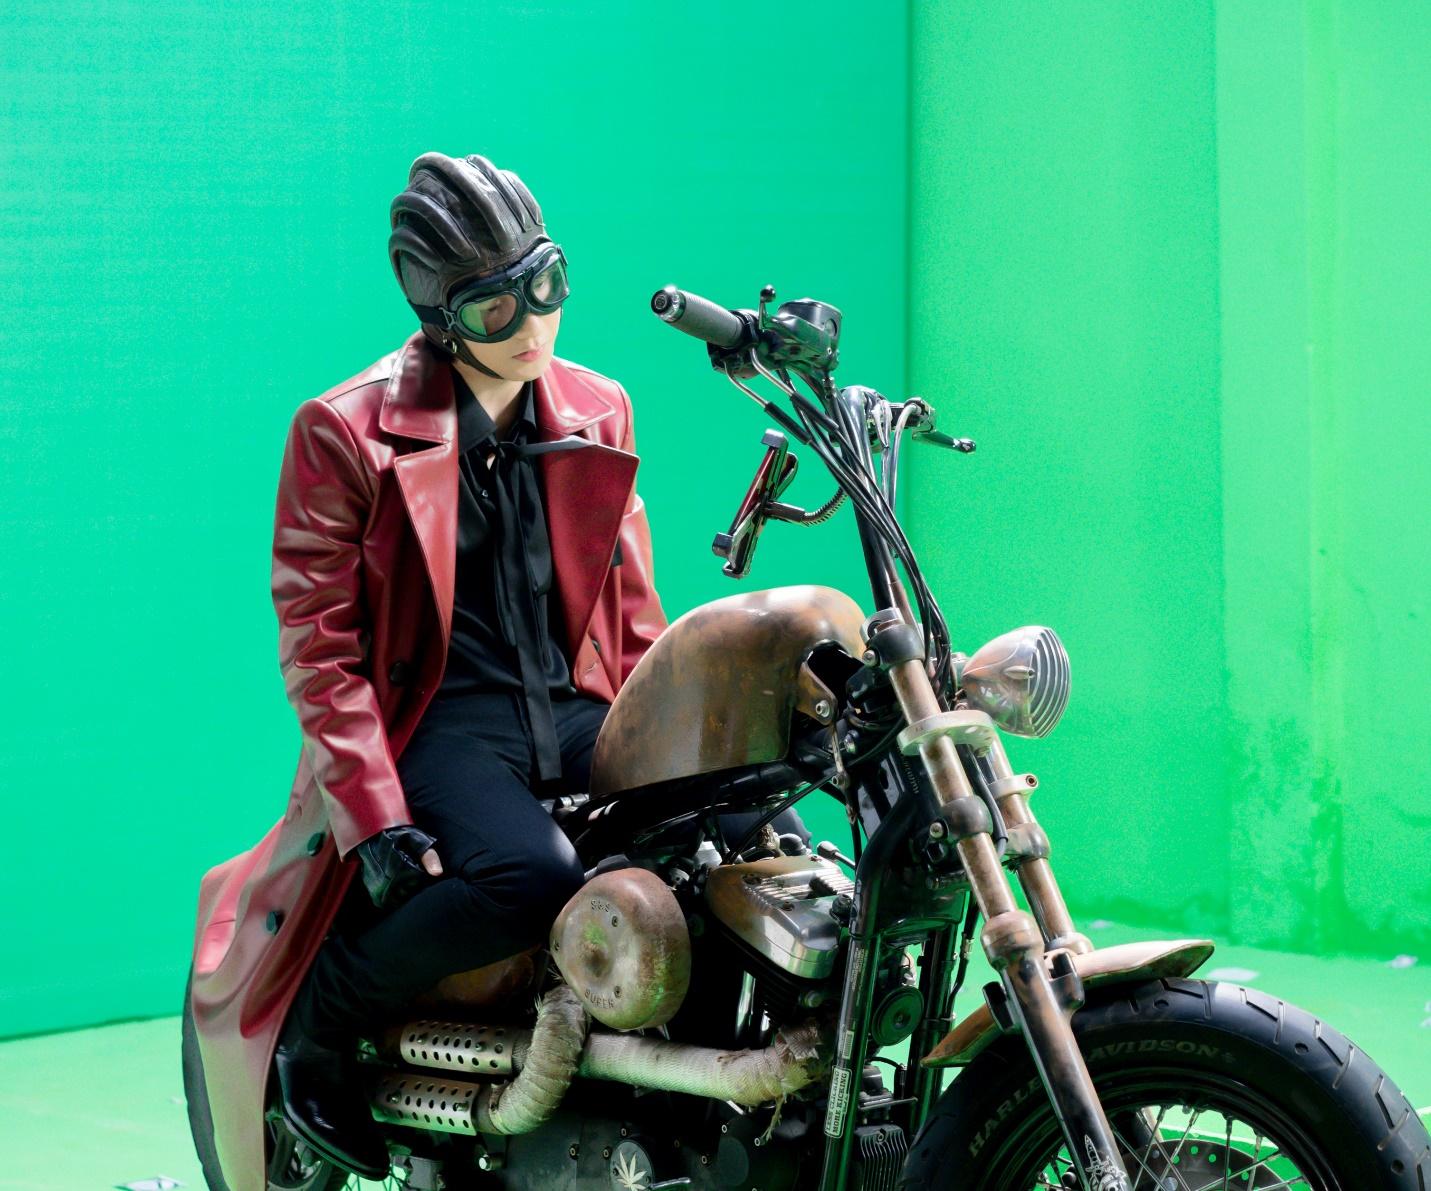 """Những hình ảnh hậu trường cực ngầu của Sơn Tùng khi nhập vai """"quái xế mô-tô"""" - Ảnh 9."""